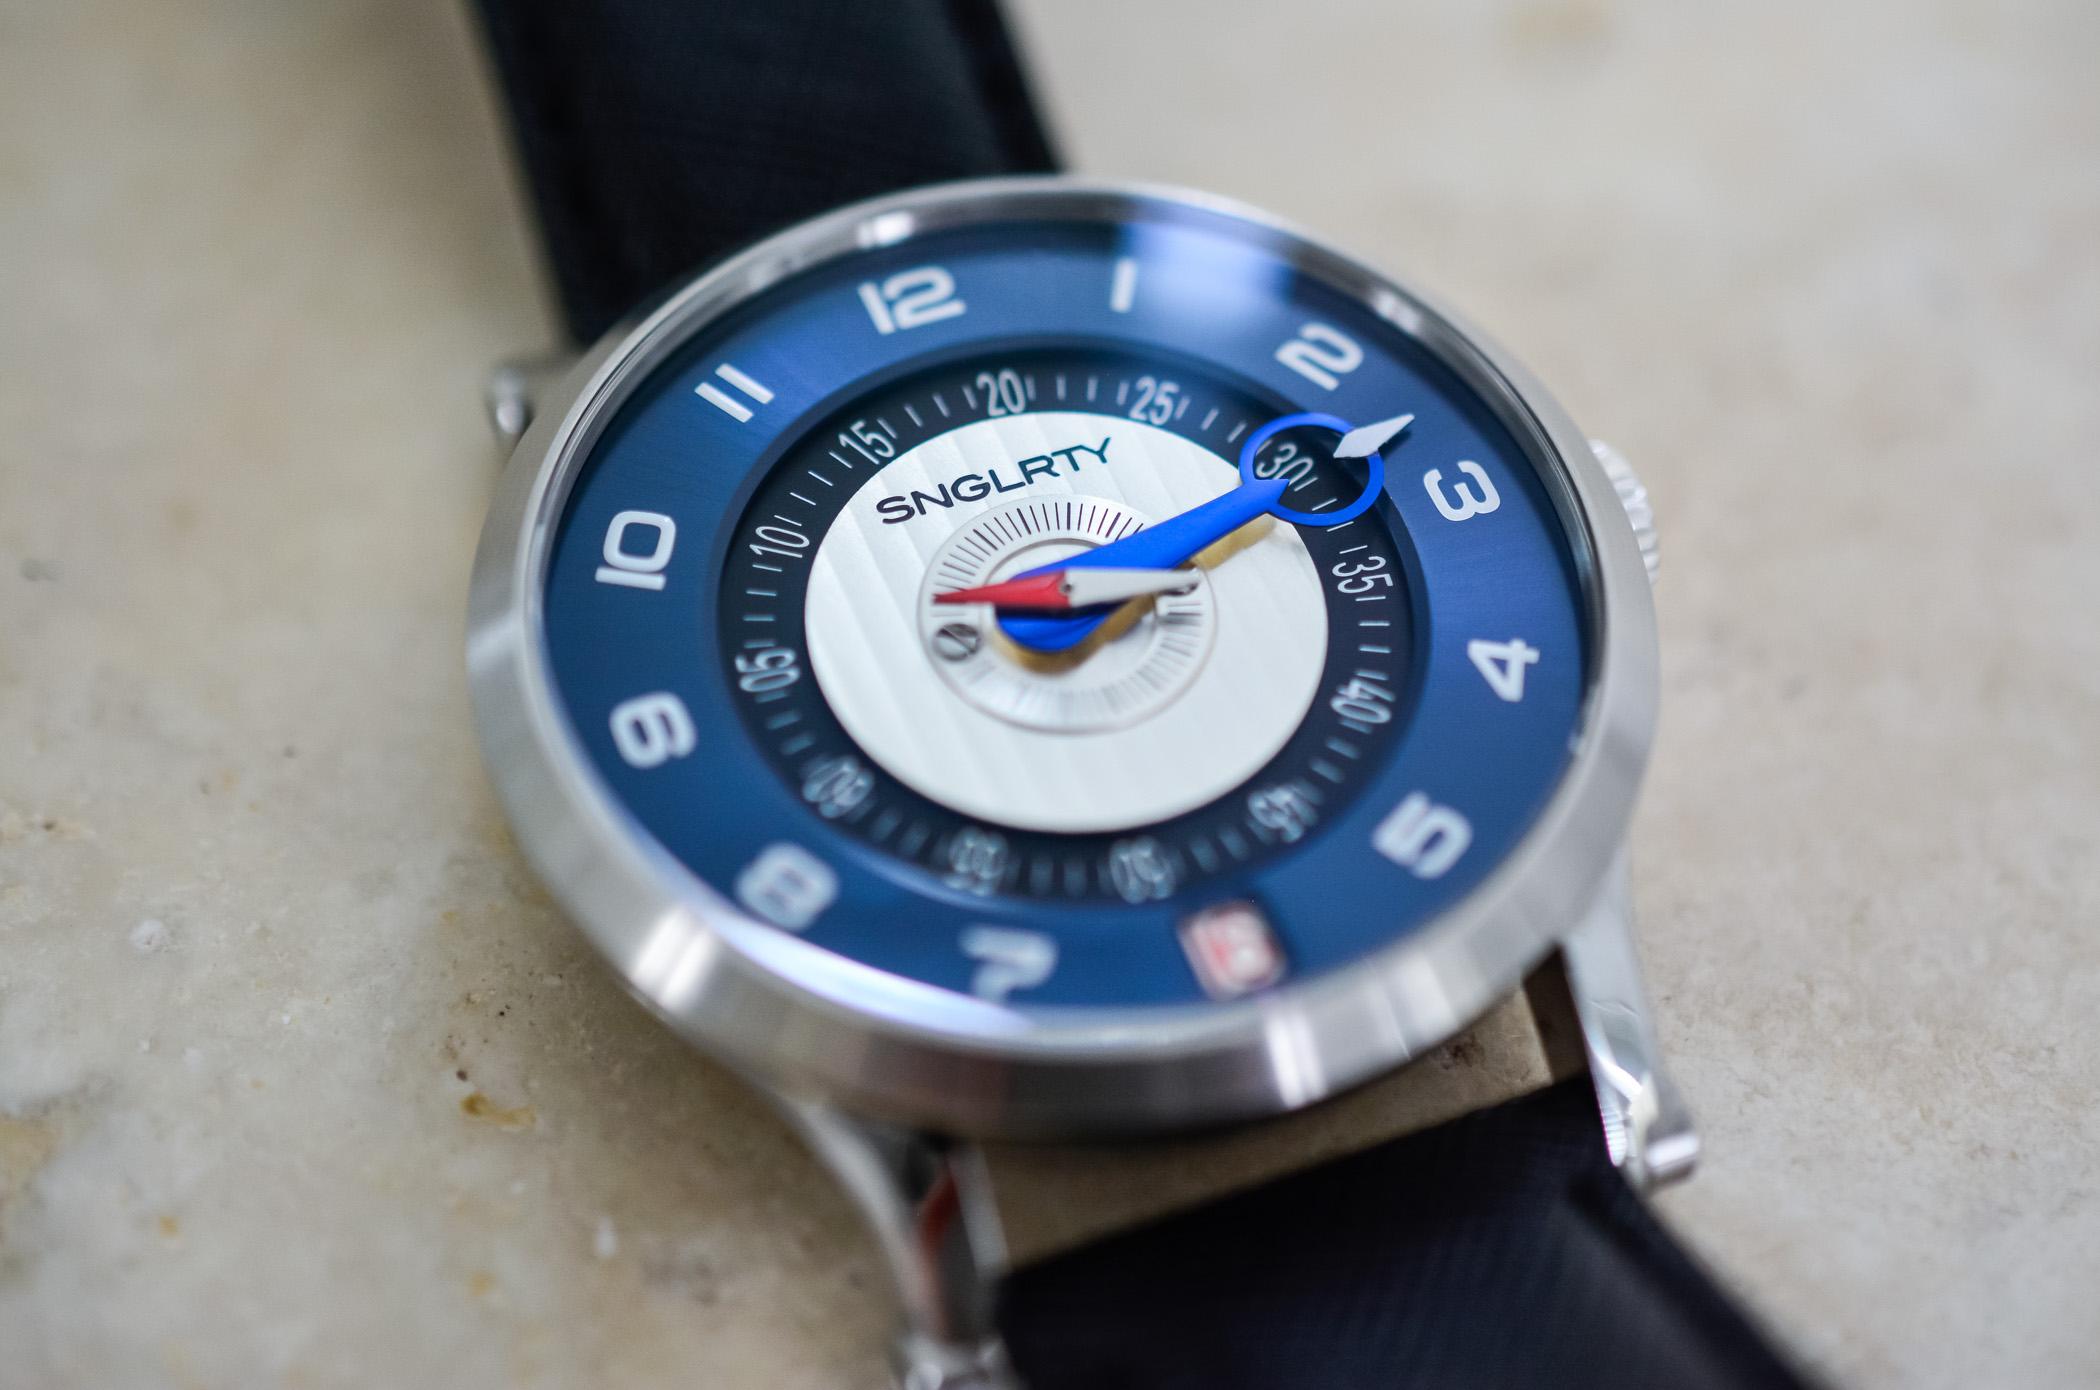 SNGLRTYブルースチールOHI-4特許取得済みのディスプレイウォッチ独立した時計製造